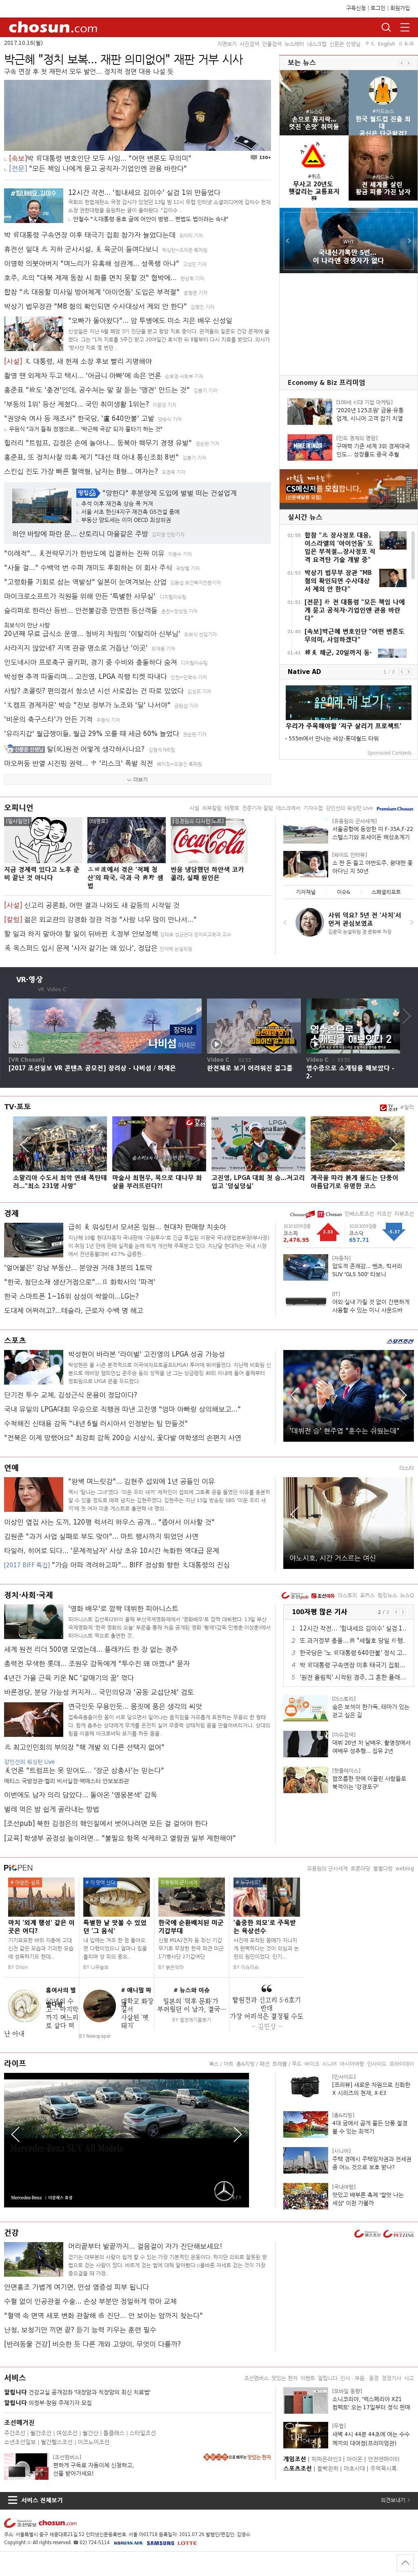 chosun.com at Monday Oct. 16, 2017, 2:01 a.m. UTC